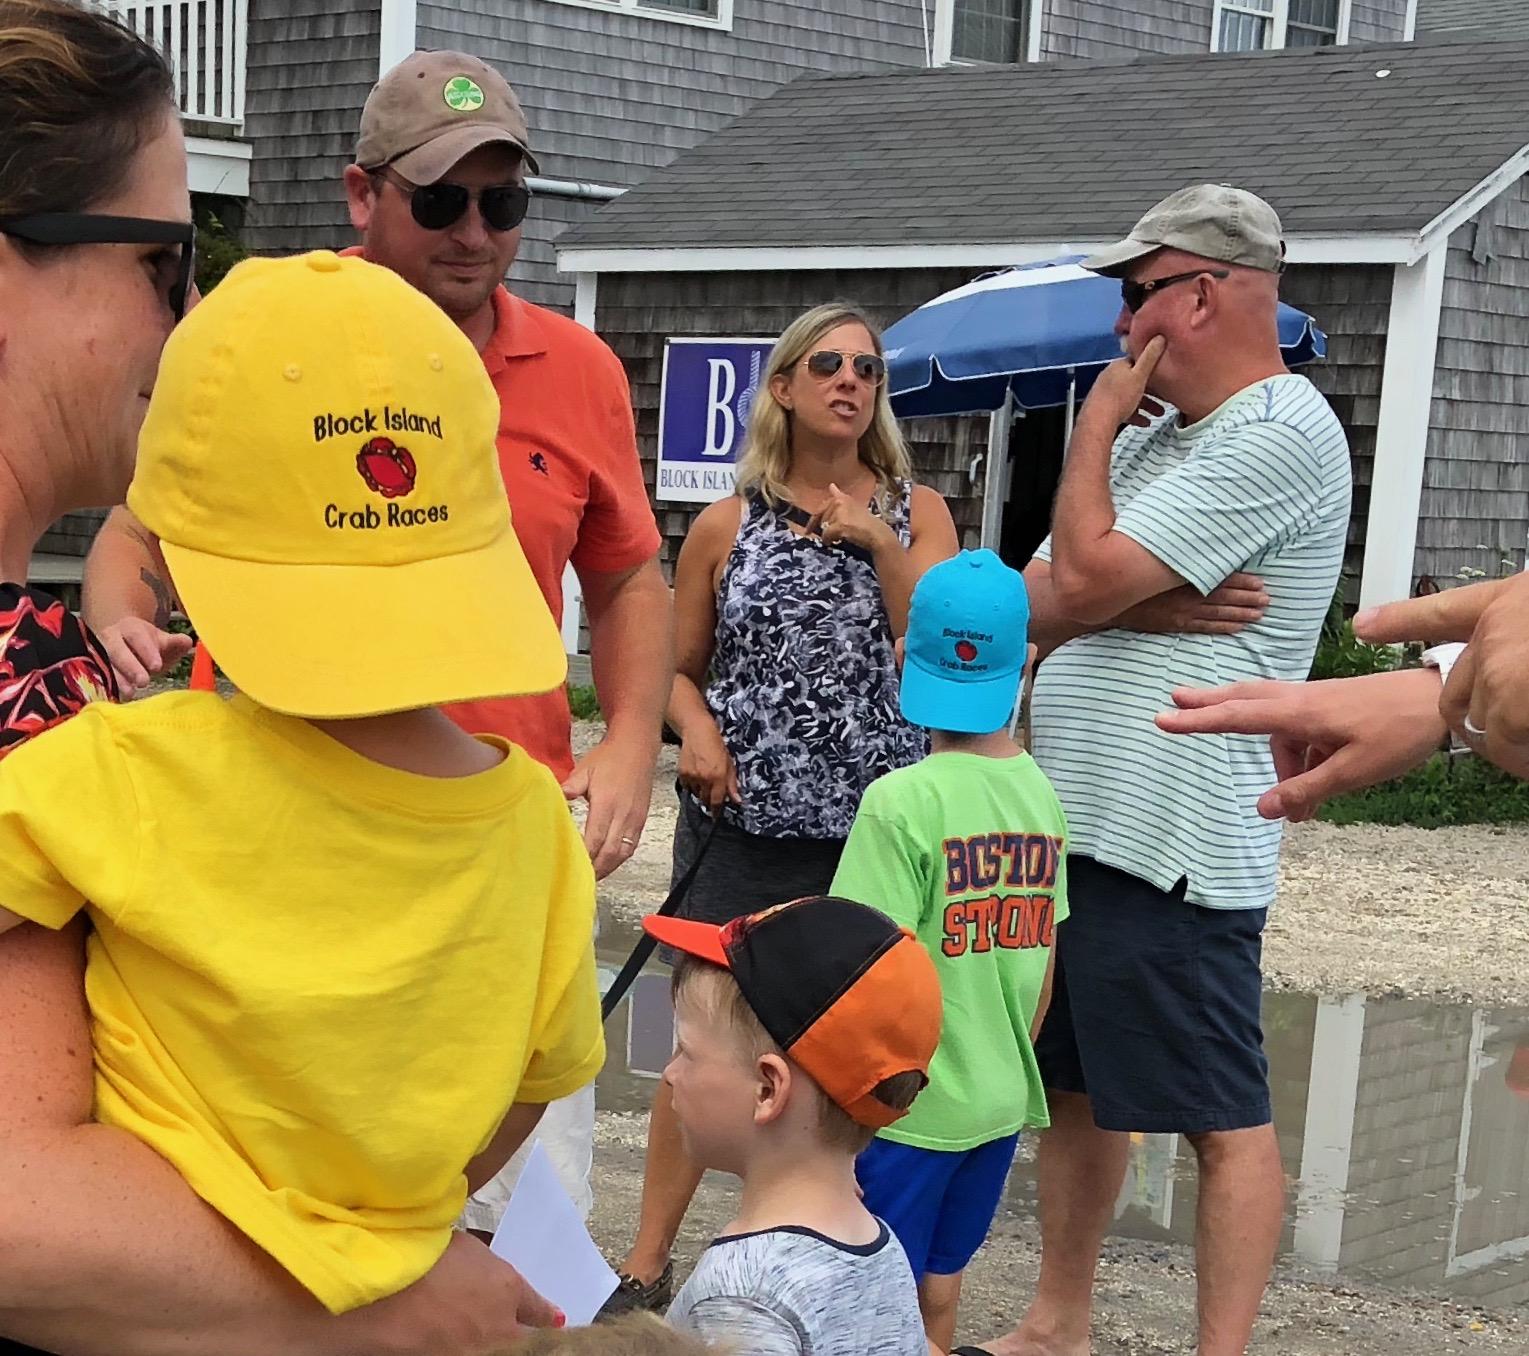 081218-.crab-race-hat